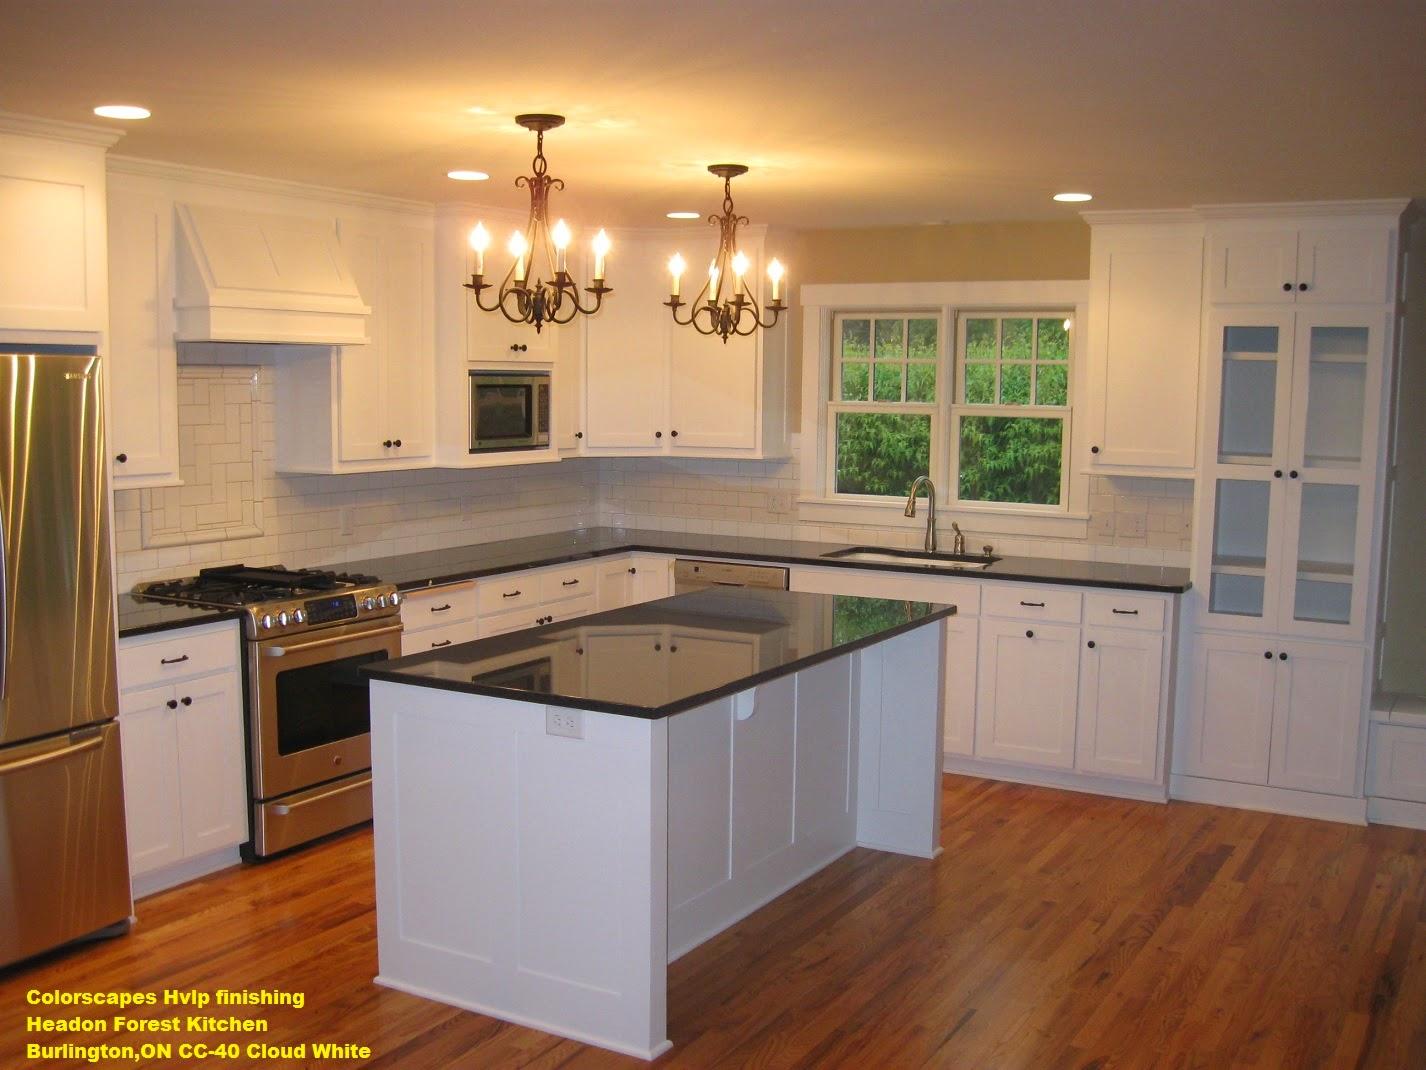 Kitchen Cabinets Burlington Ontario Colorscapes Professional Painting Headon Forest Kitchen Cloud